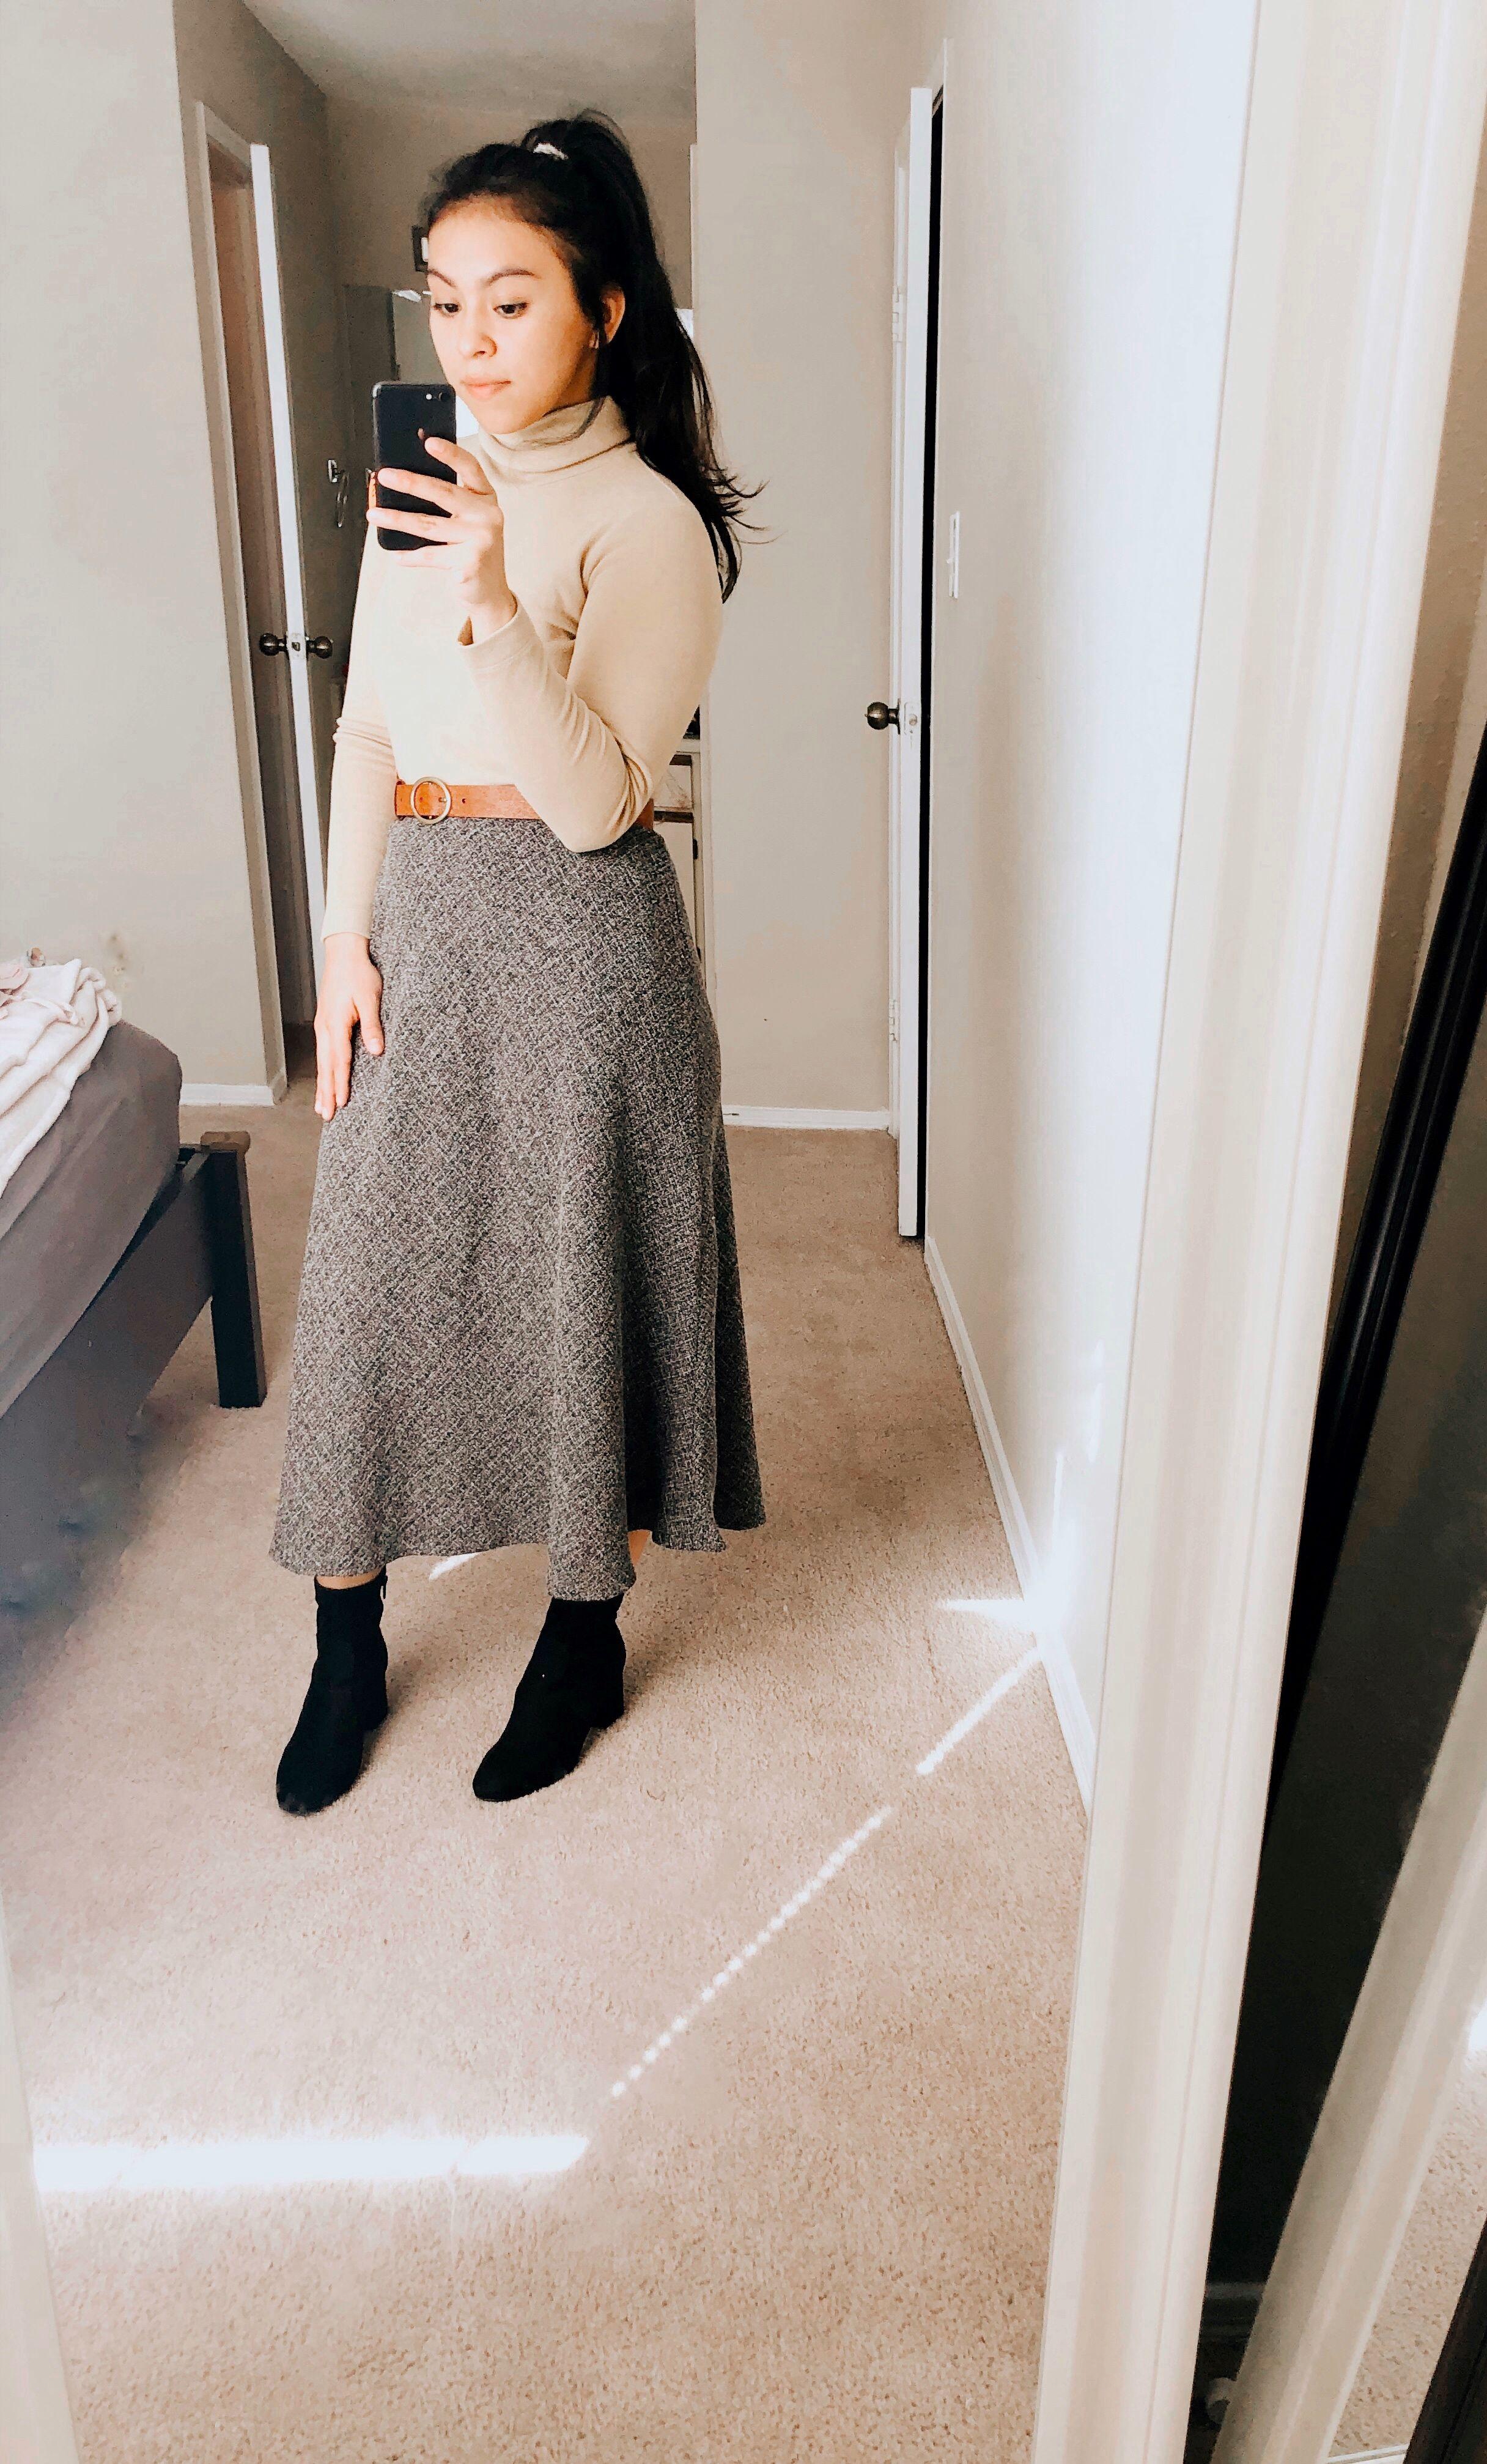 Skirt#fashion# mom